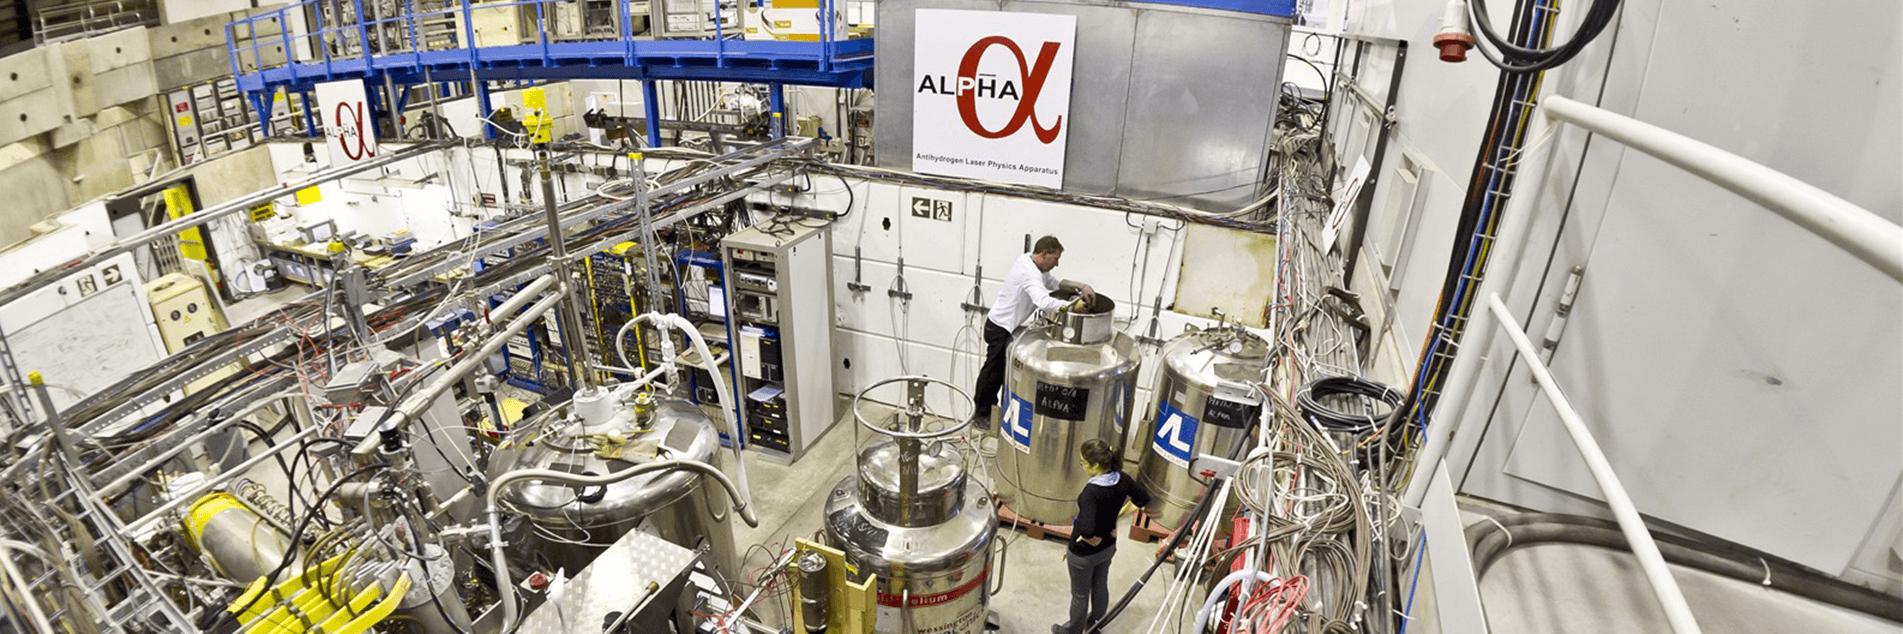 ALPHA experiment image via CERN